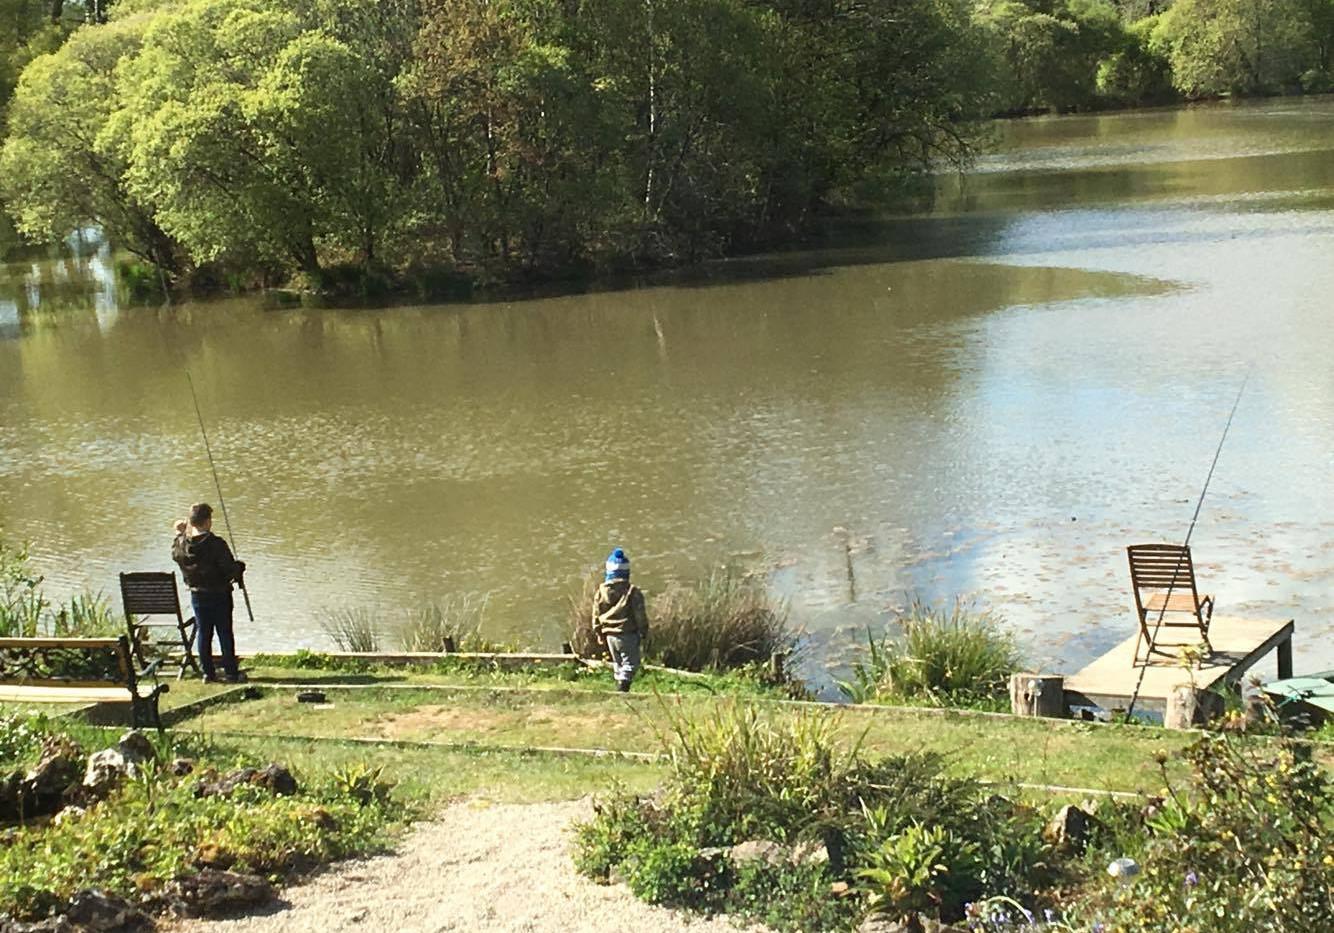 Carp Fishing at Les Gravelles